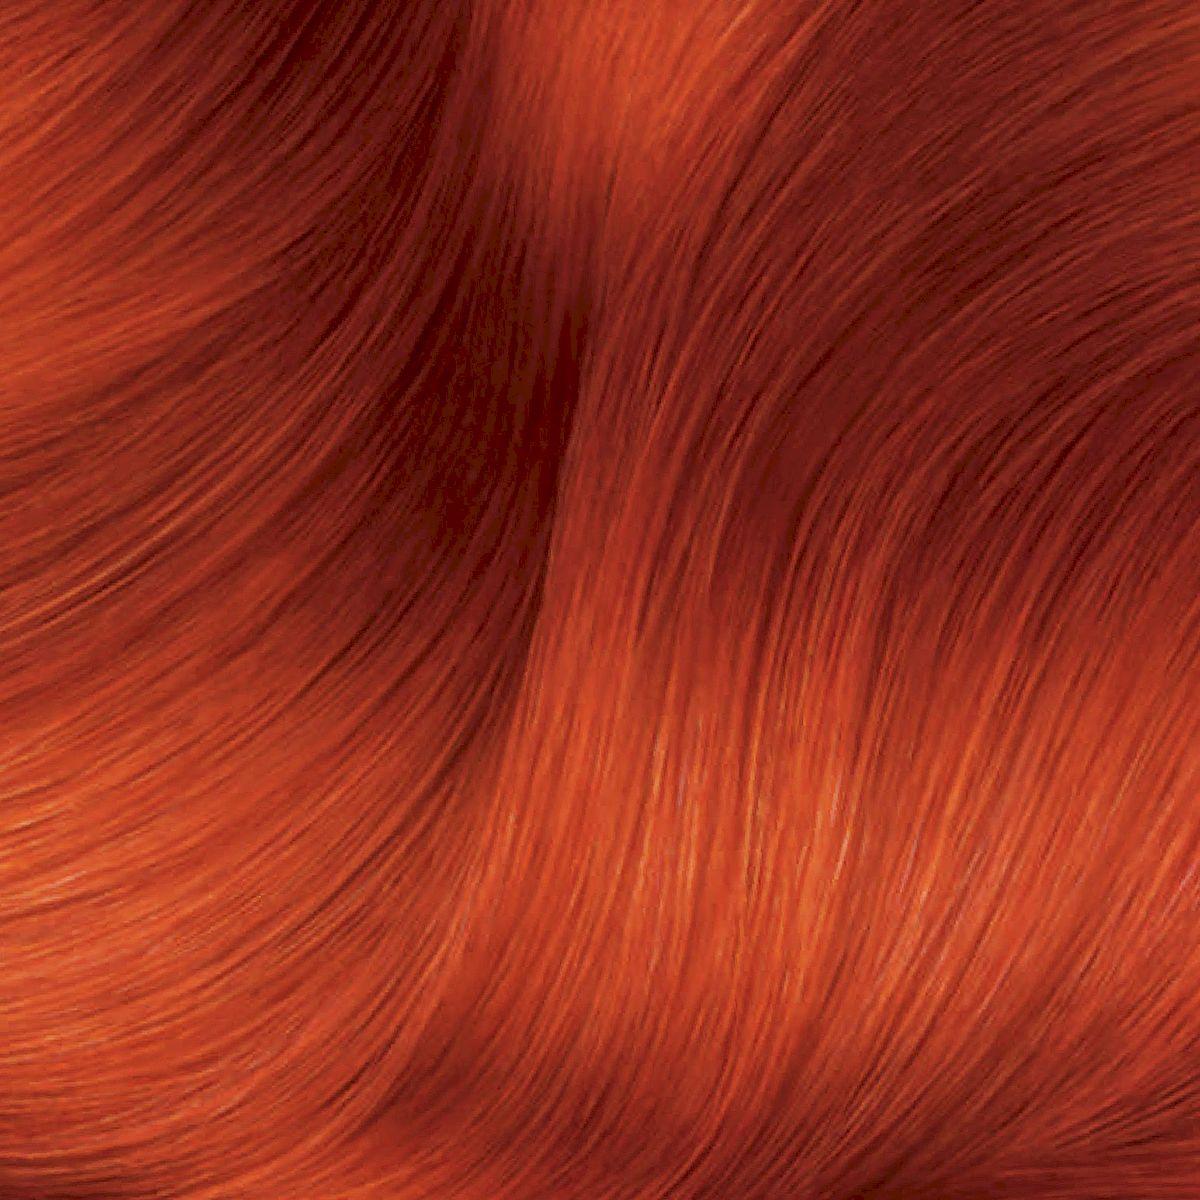 Краски для волос медные оттенки фото